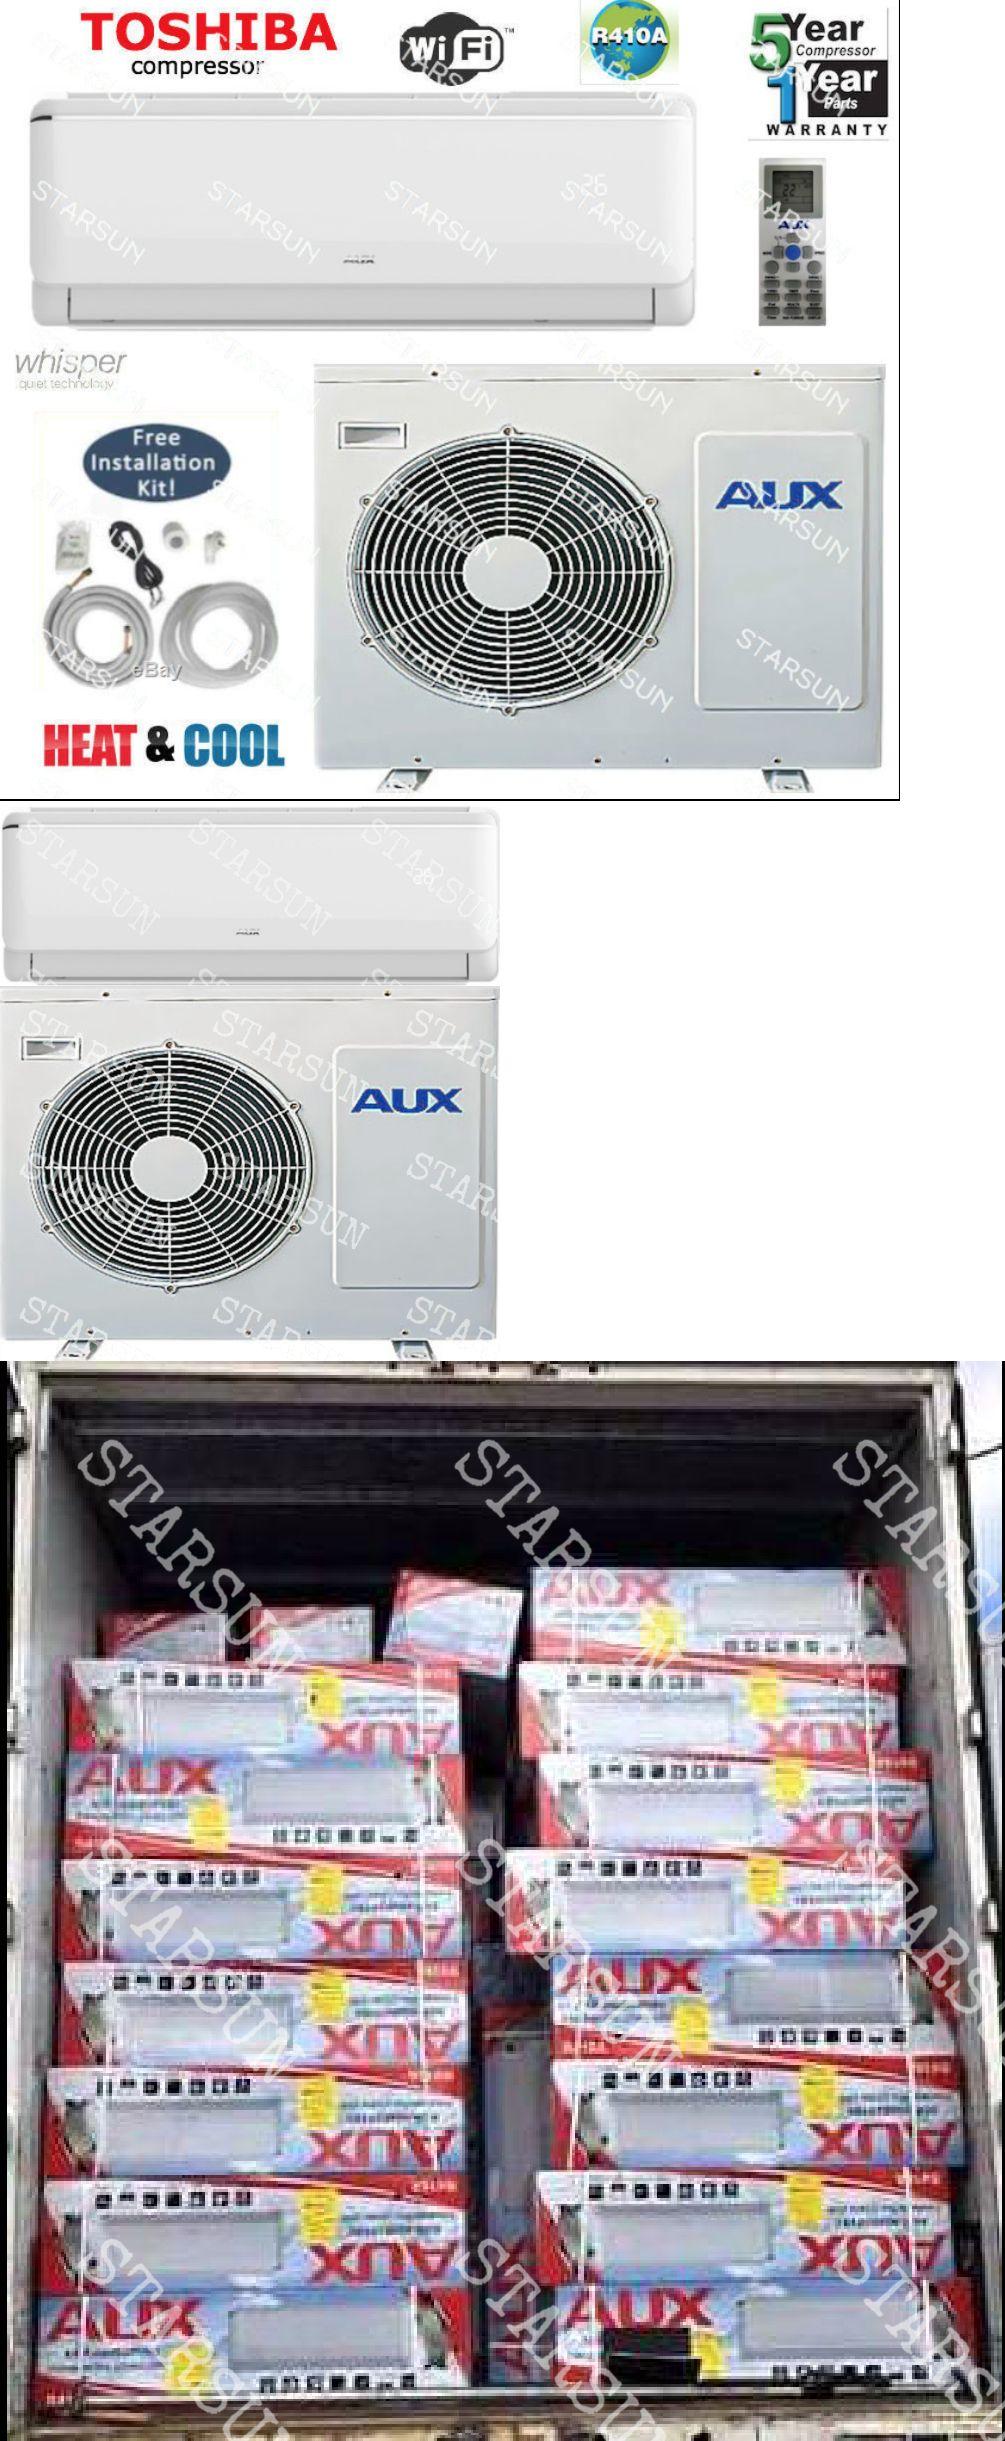 Details about 12,000 BTU AC Air Conditioner, Heat Pump